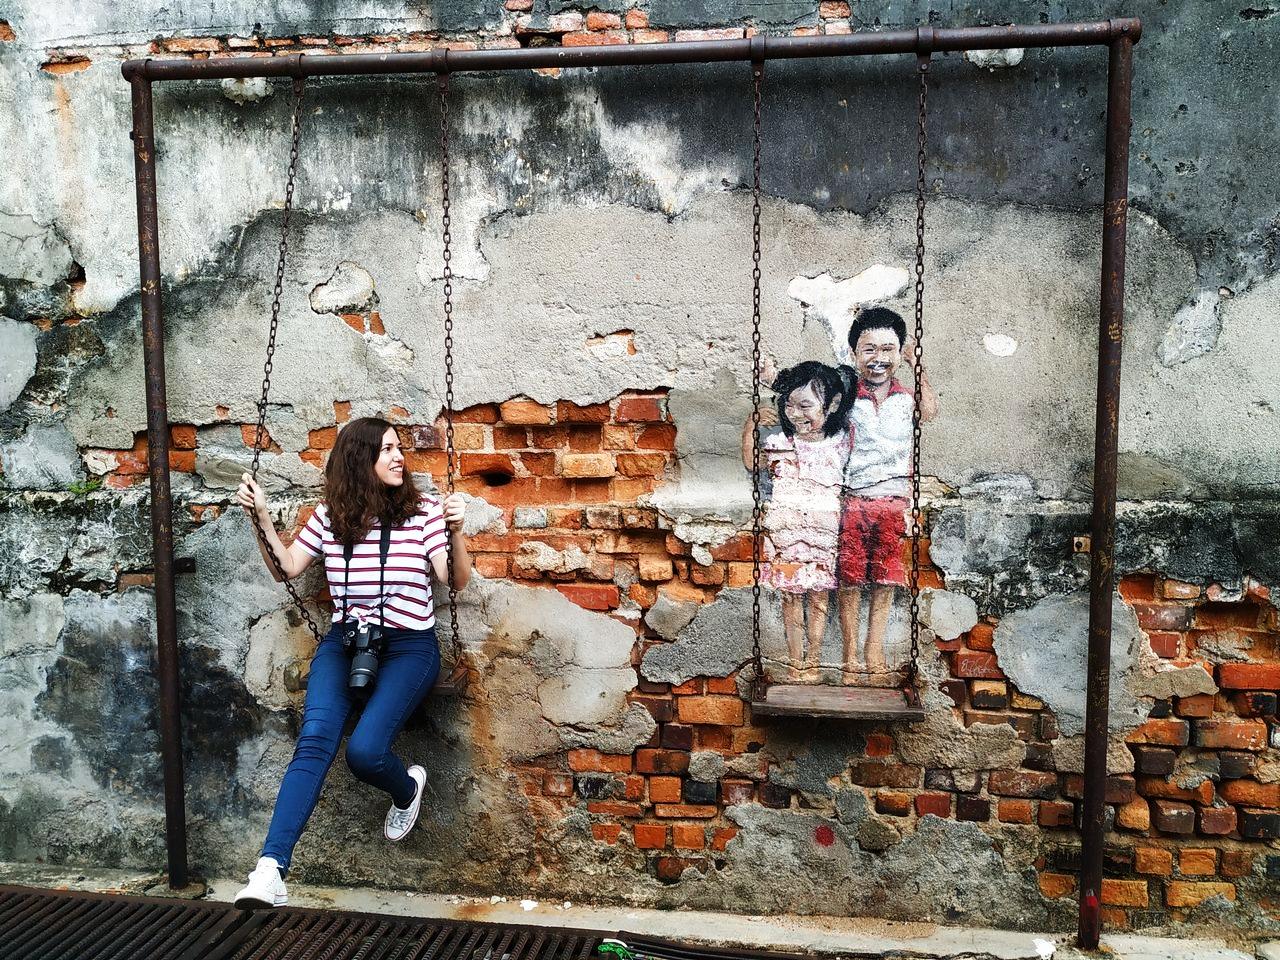 Arte urbano en George Town, con el famoso mural de los niños en el columpio.